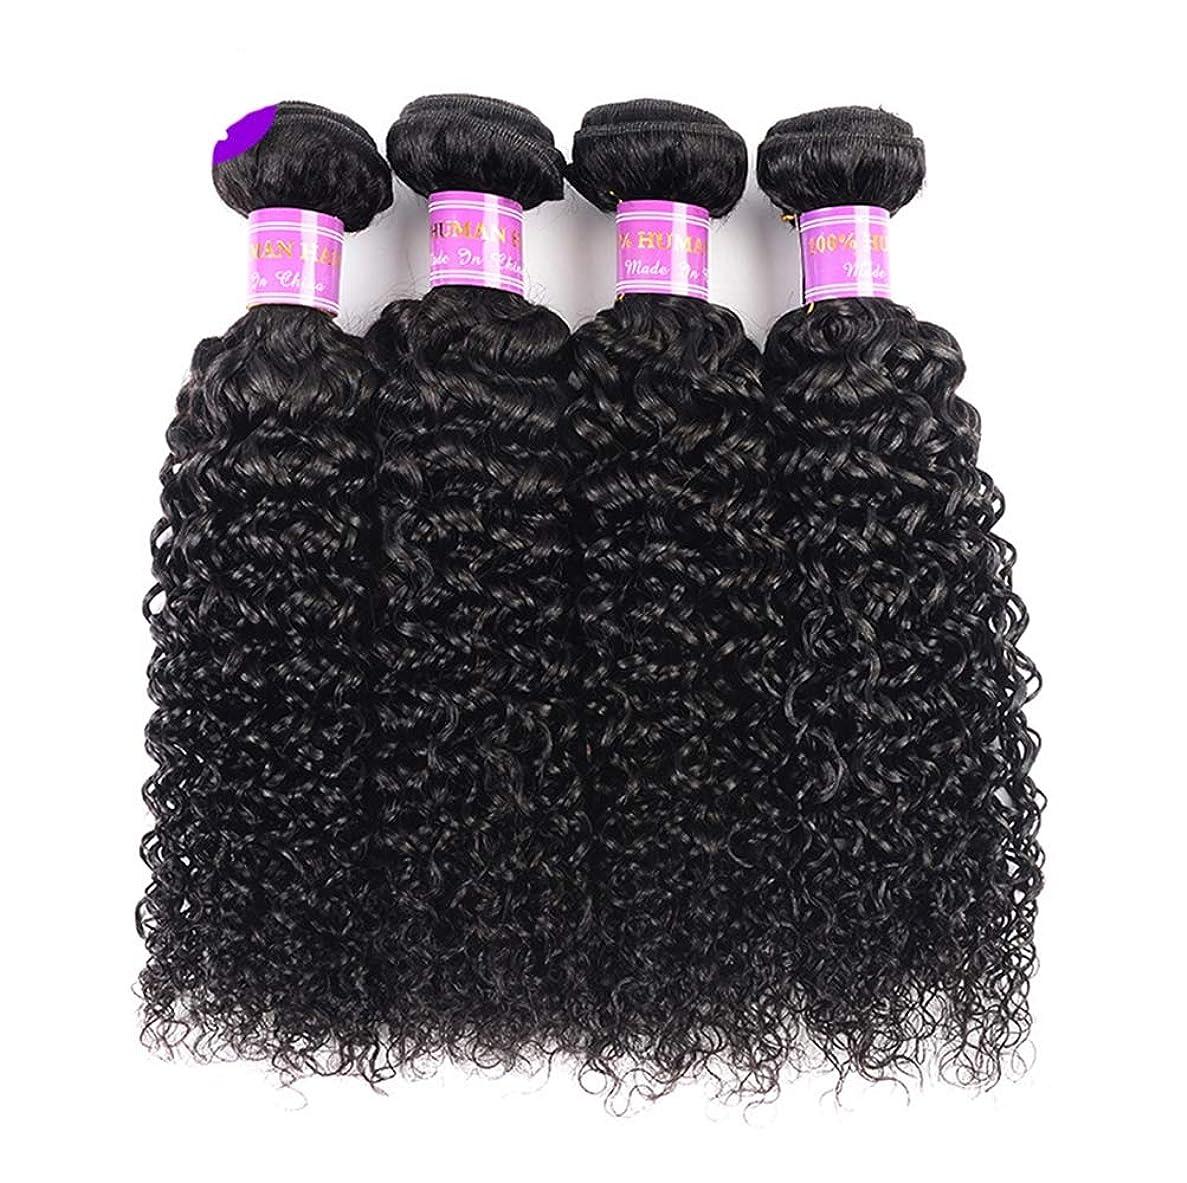 誘惑相互接続傾向がある髪織り未処理ブラジルディープカーリーヘアバンドル本物の人間の髪バンドルバージンブラジル髪バンドル1個/パックナチュラルカラー(100 +/- 5g)/ pc